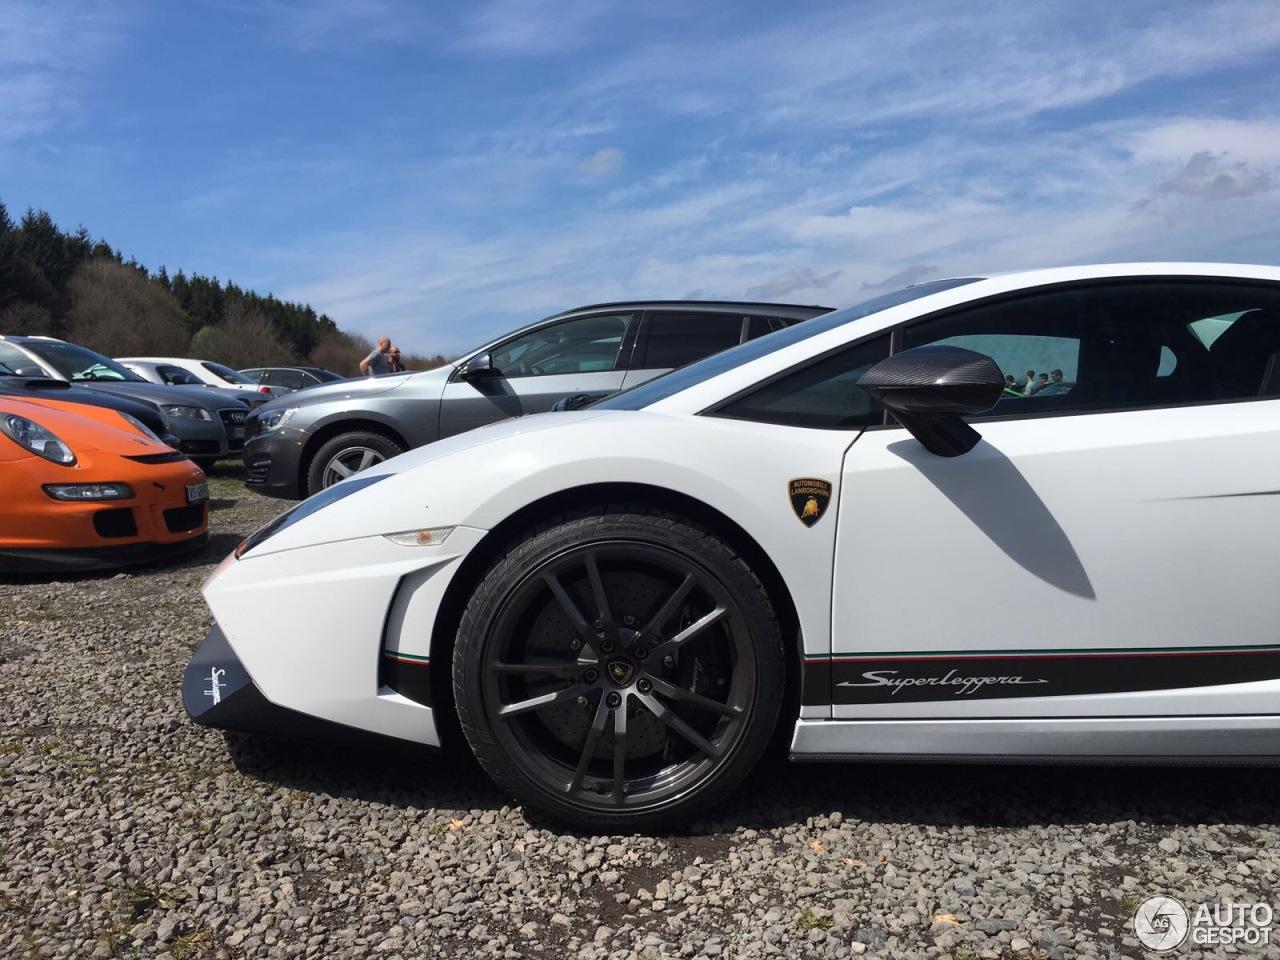 Lamborghini Gallardo LP570-4 Superleggera - 6 May 2017 ...